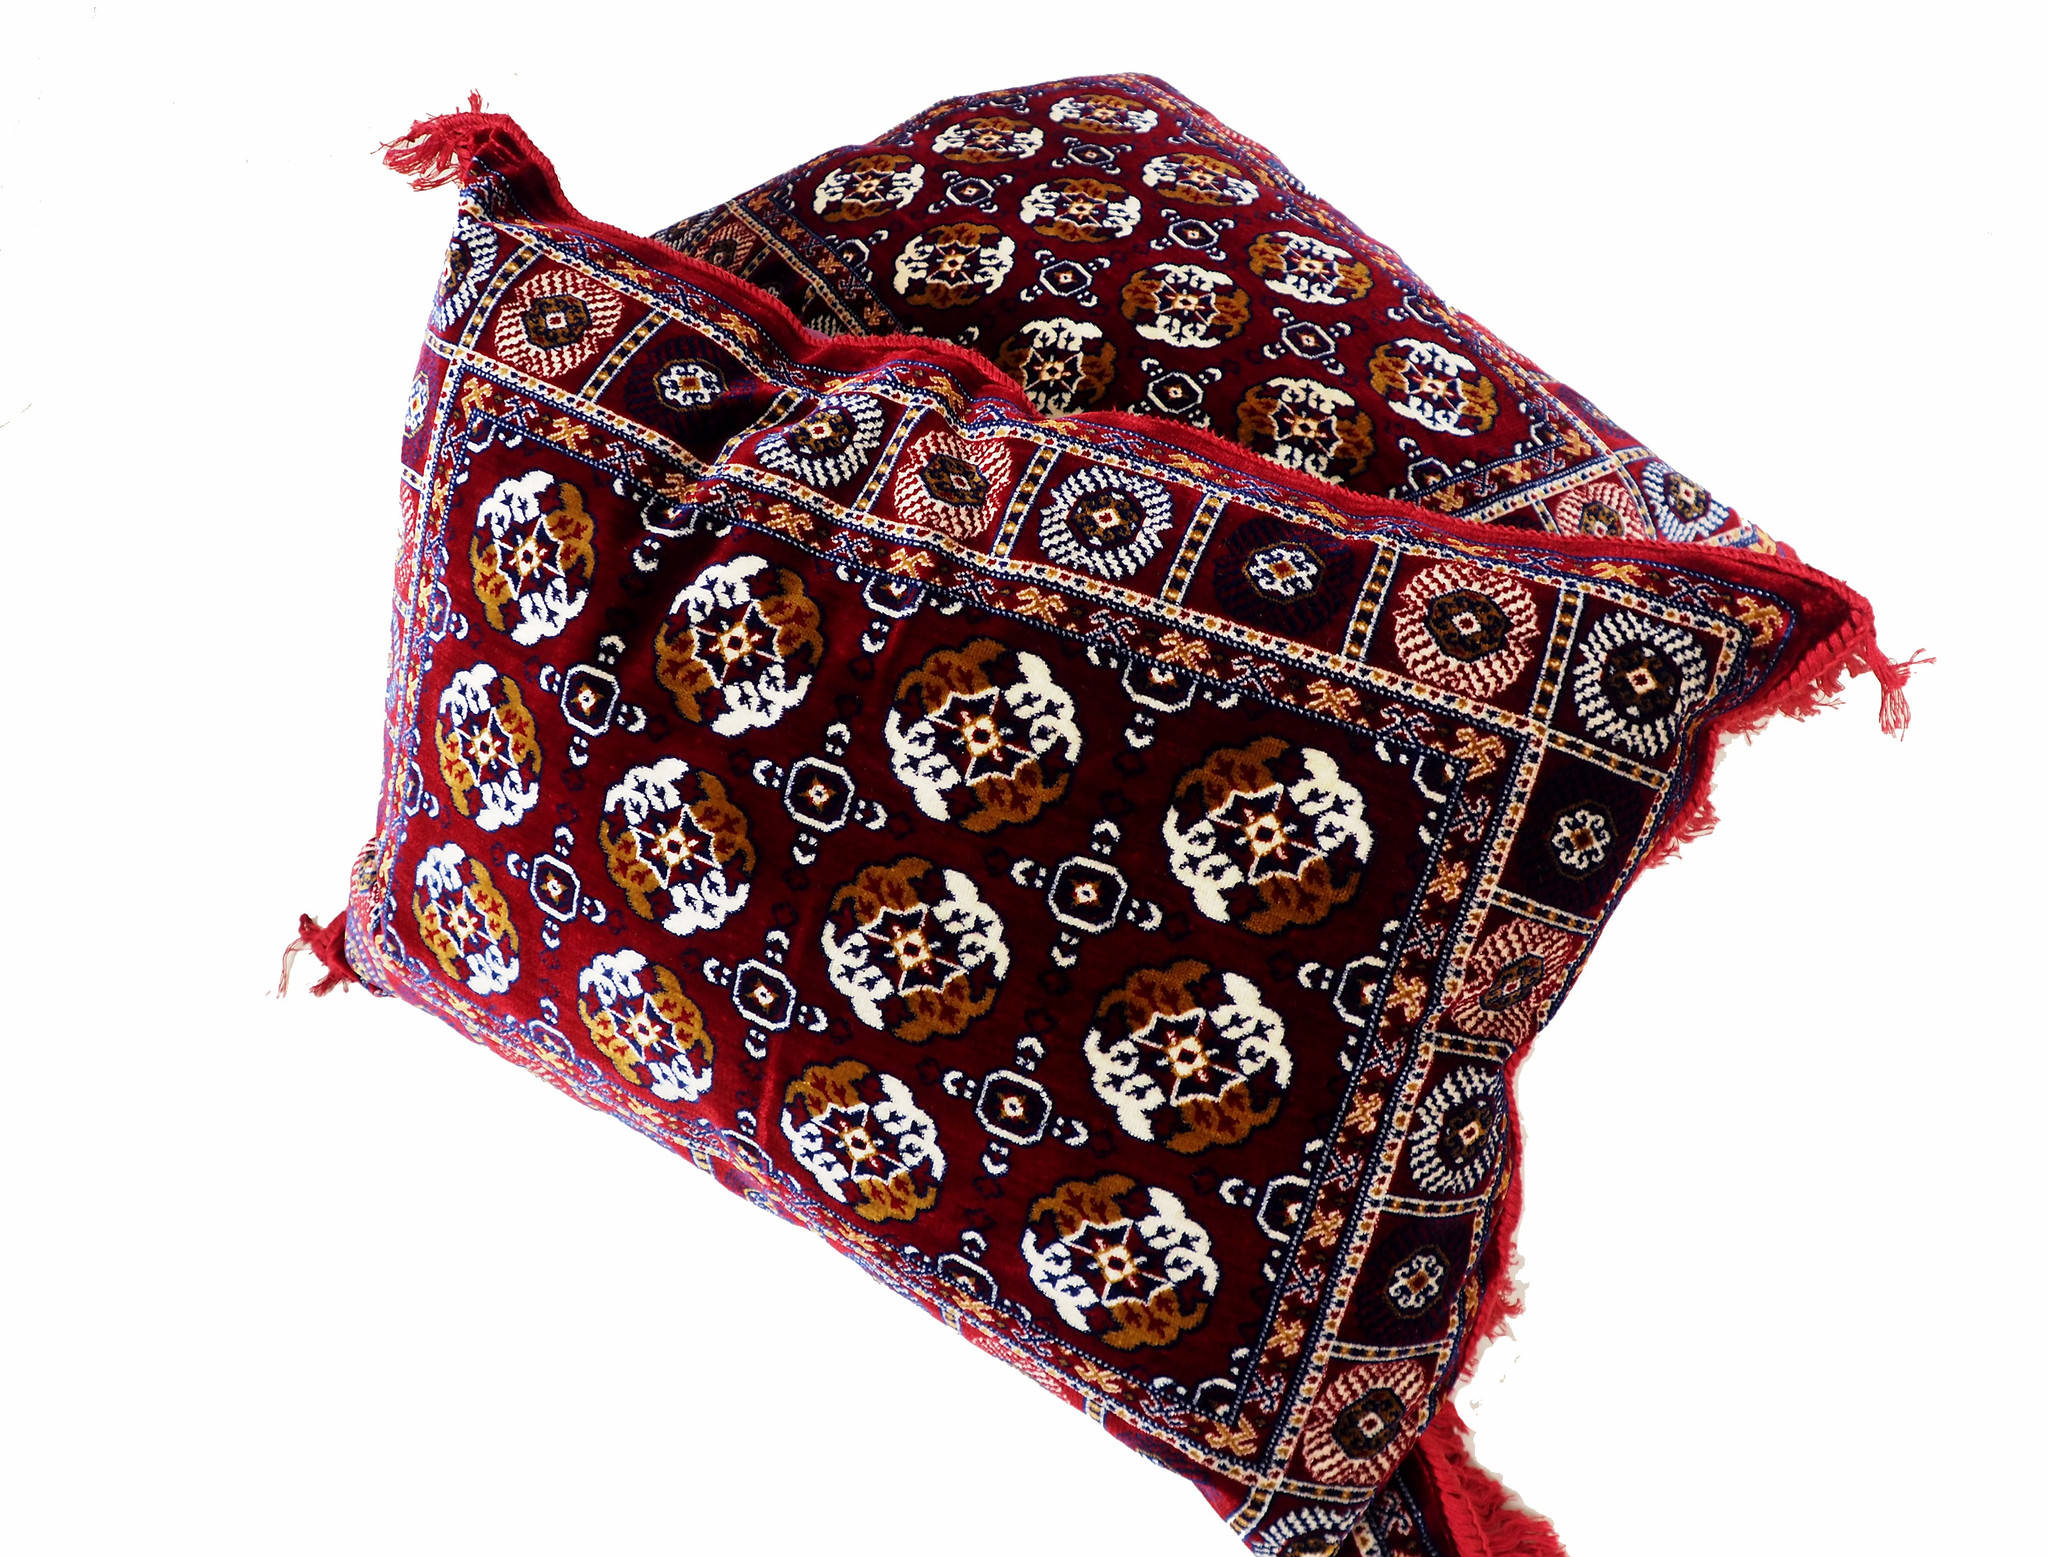 80x58 cm orient sitzkissen bodenkissen Bukhara